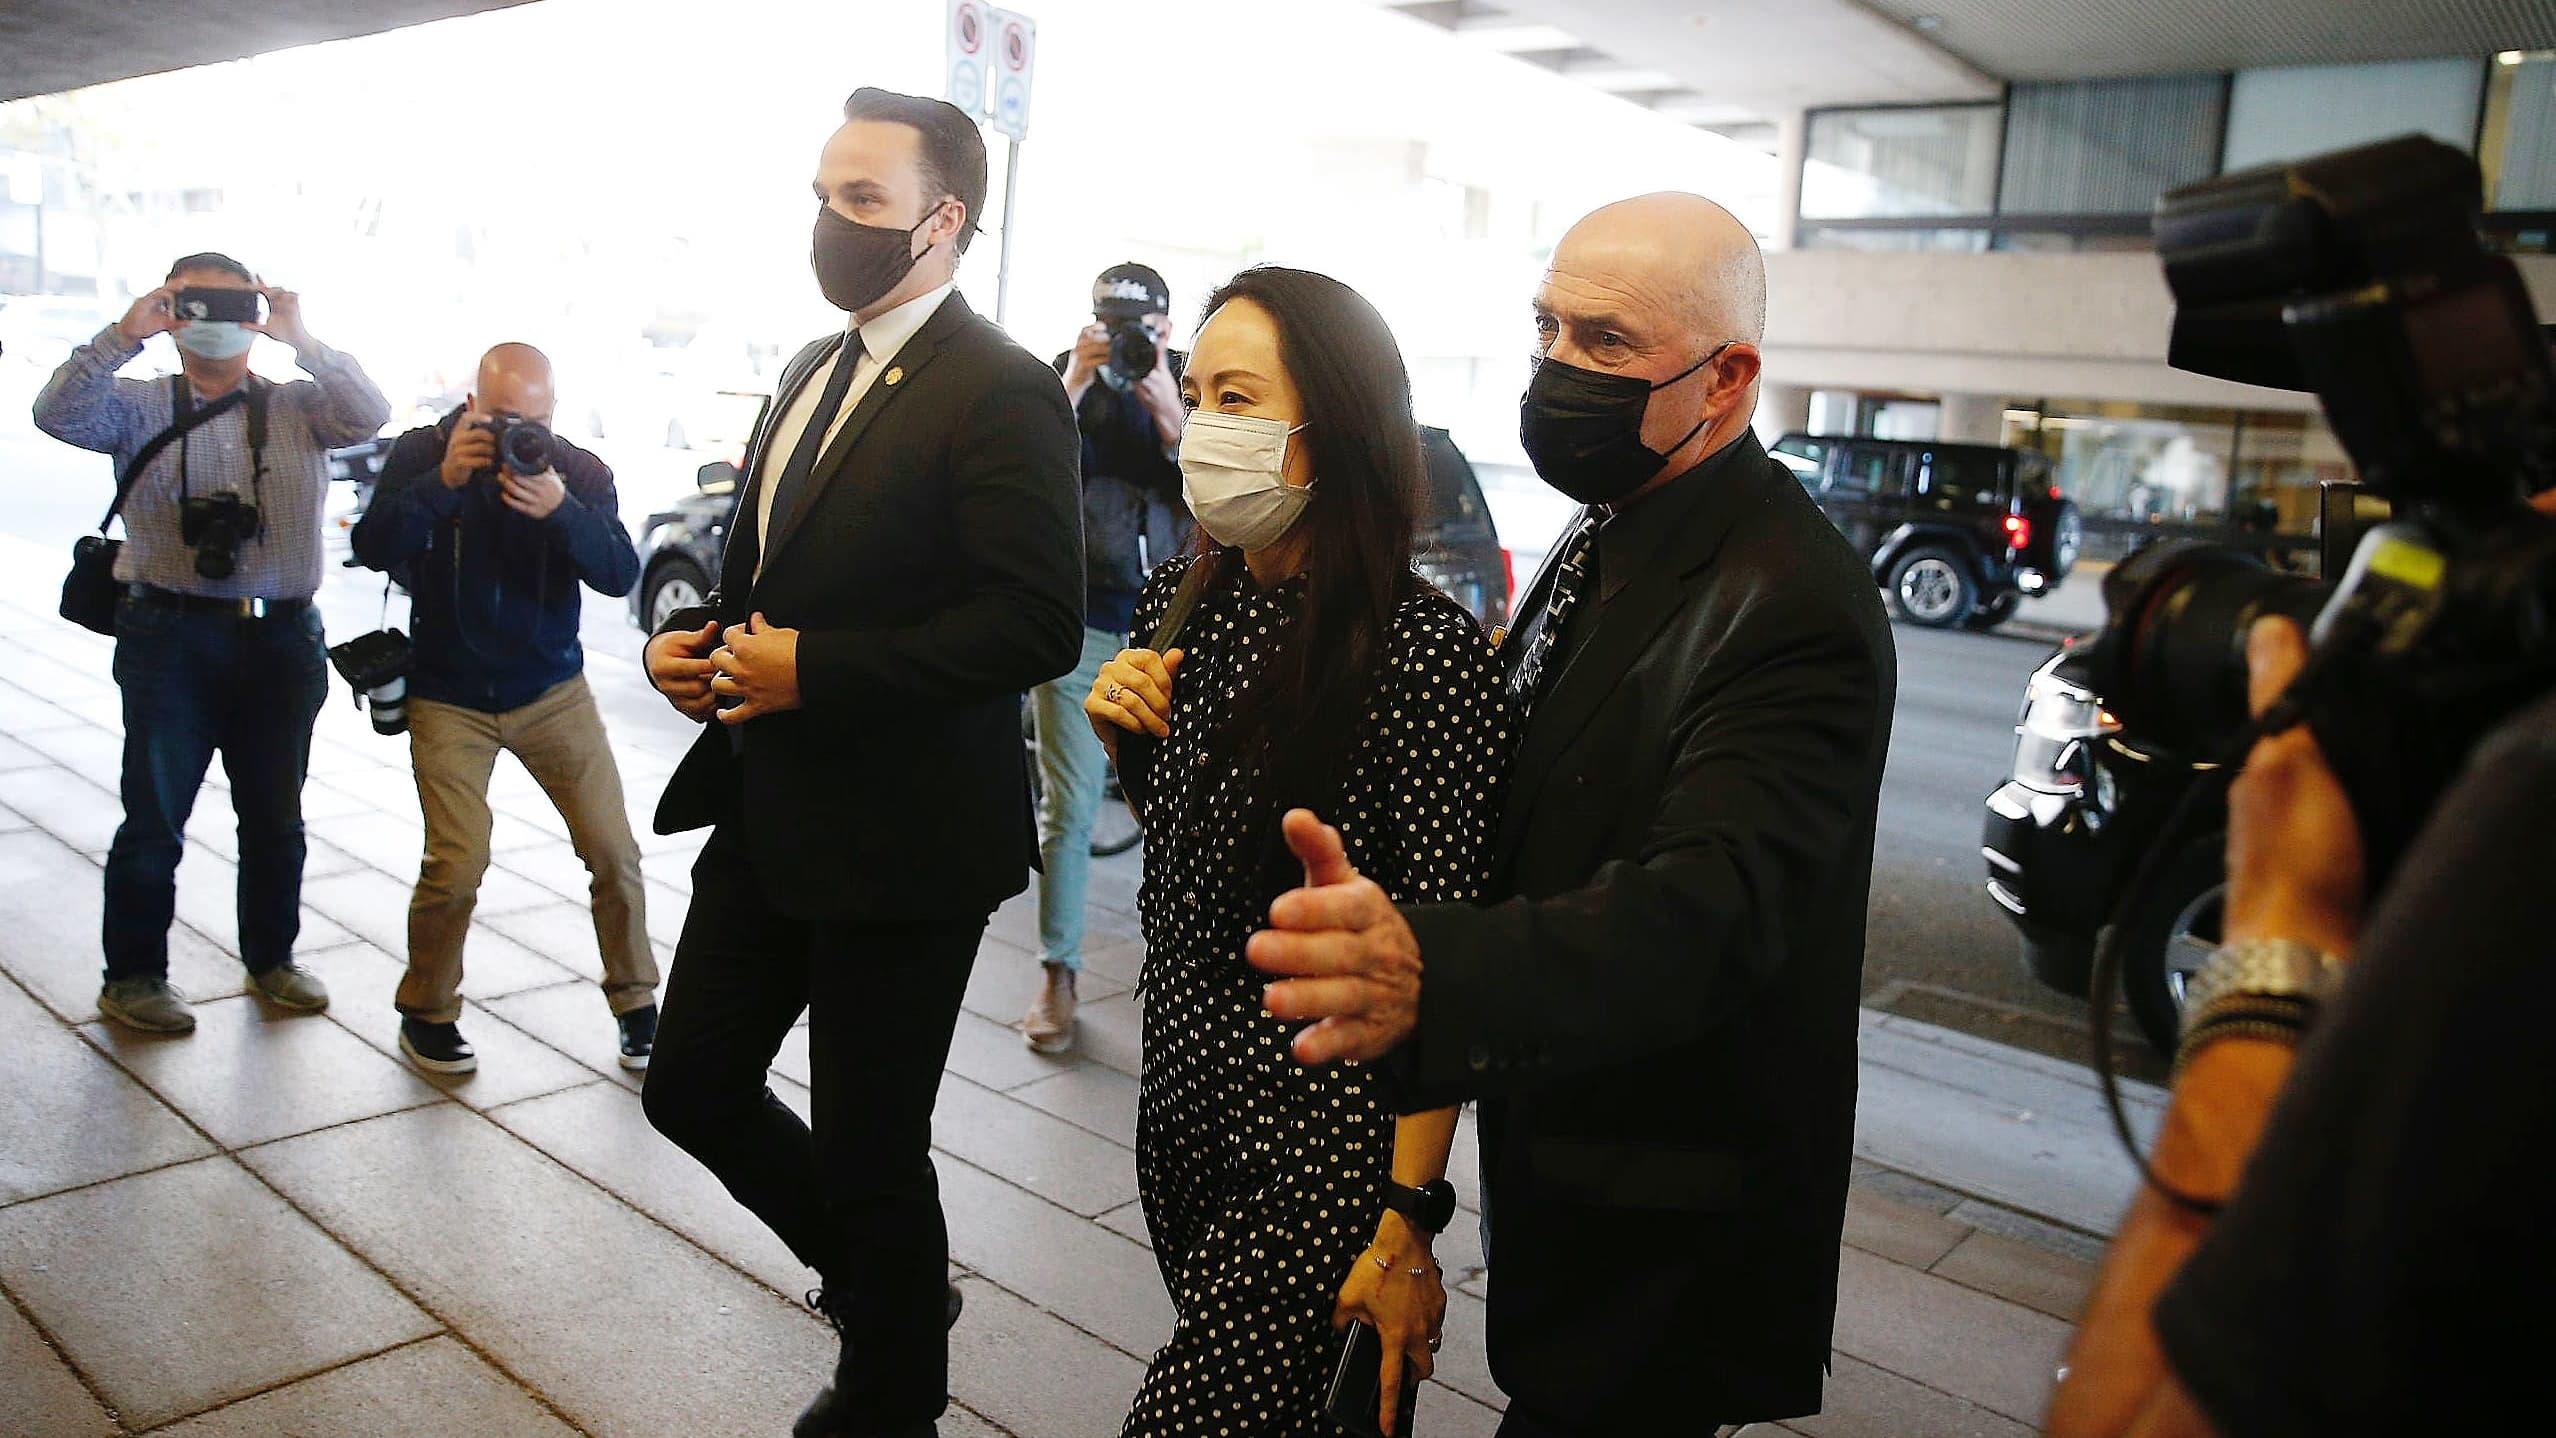 Kaksi tummapukuista miestä kulkee Meng Wanzhoun vierellä. Kaikilla on maskit kasvoillaan. Sivulla kuvaajat ottavat kuvia saapumisesta.